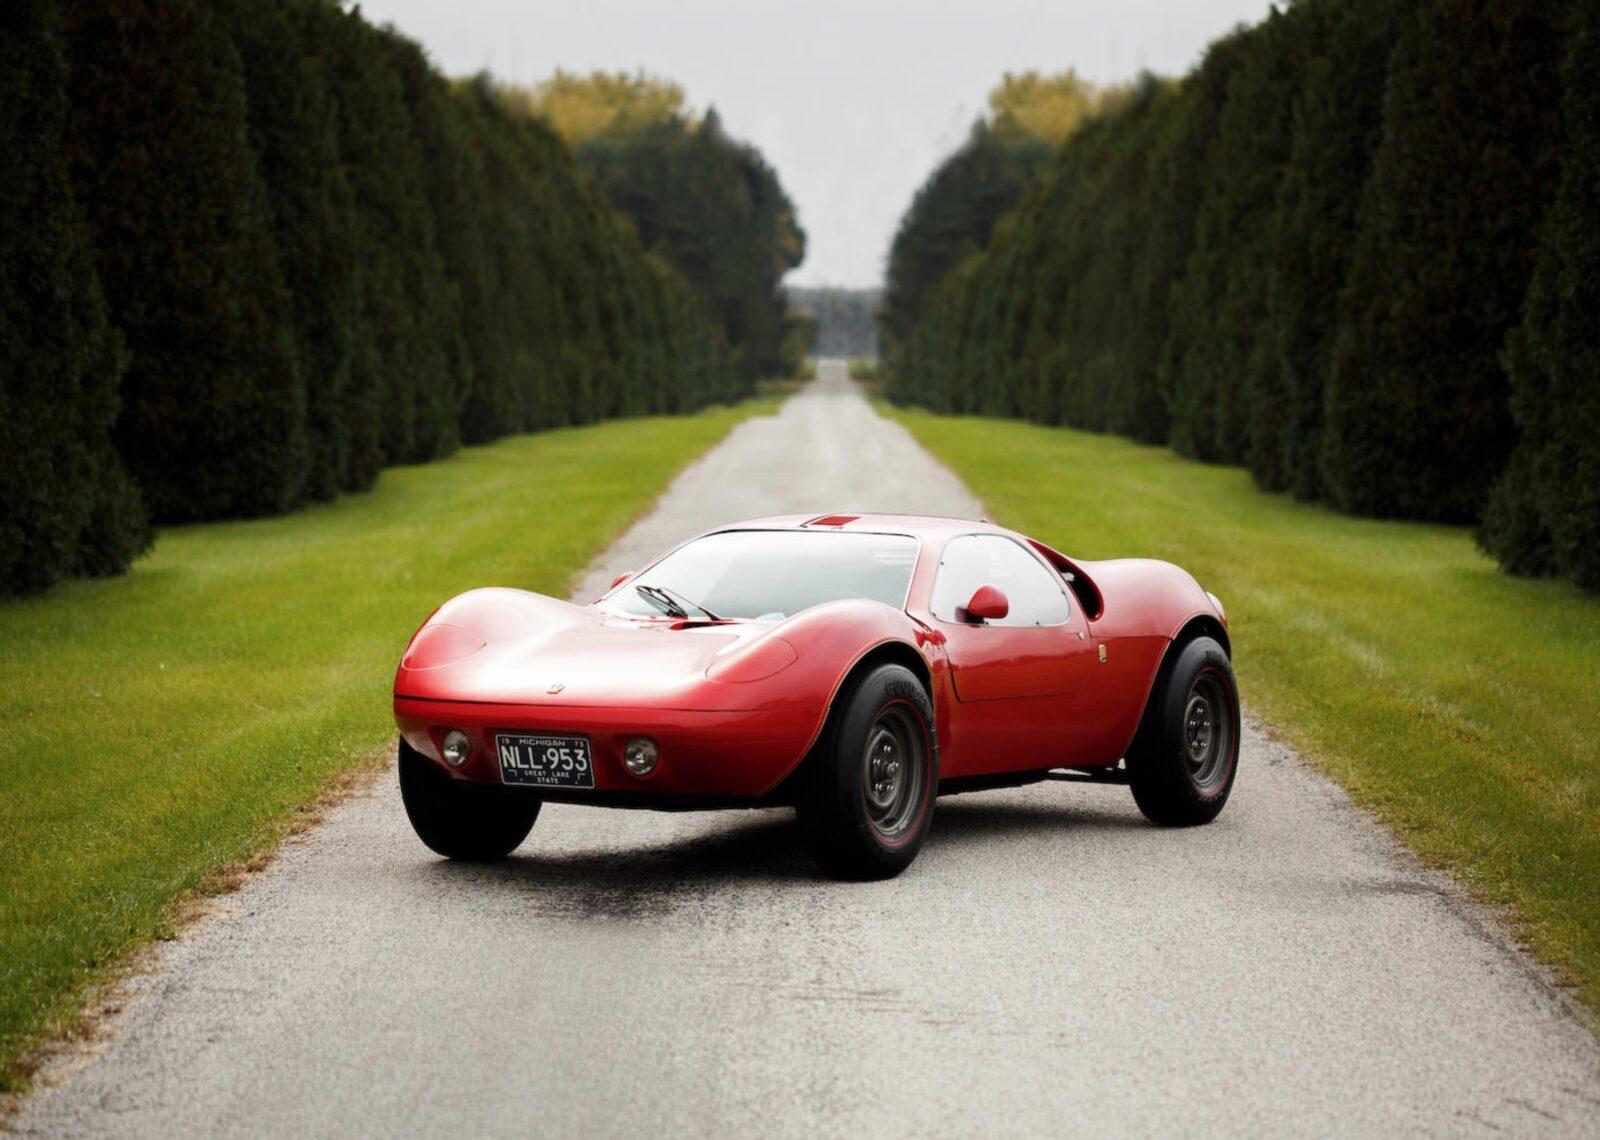 Molzon Concept Corsa GT38 10 1600x1140 - 1968 Molzon Concept Corsa GT38